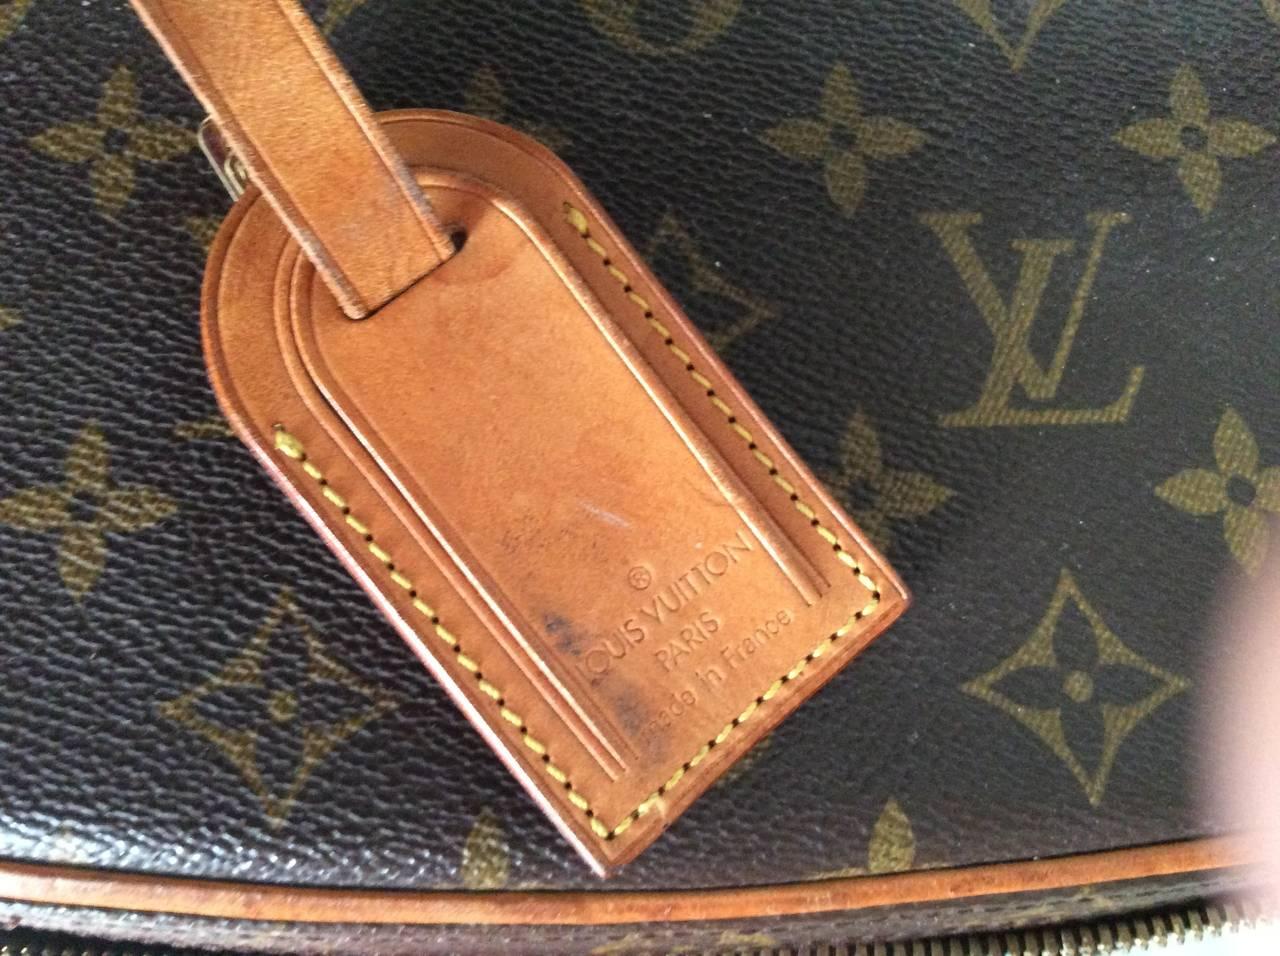 Louis Vuitton Train Case / Traveling Makeup Bag 9